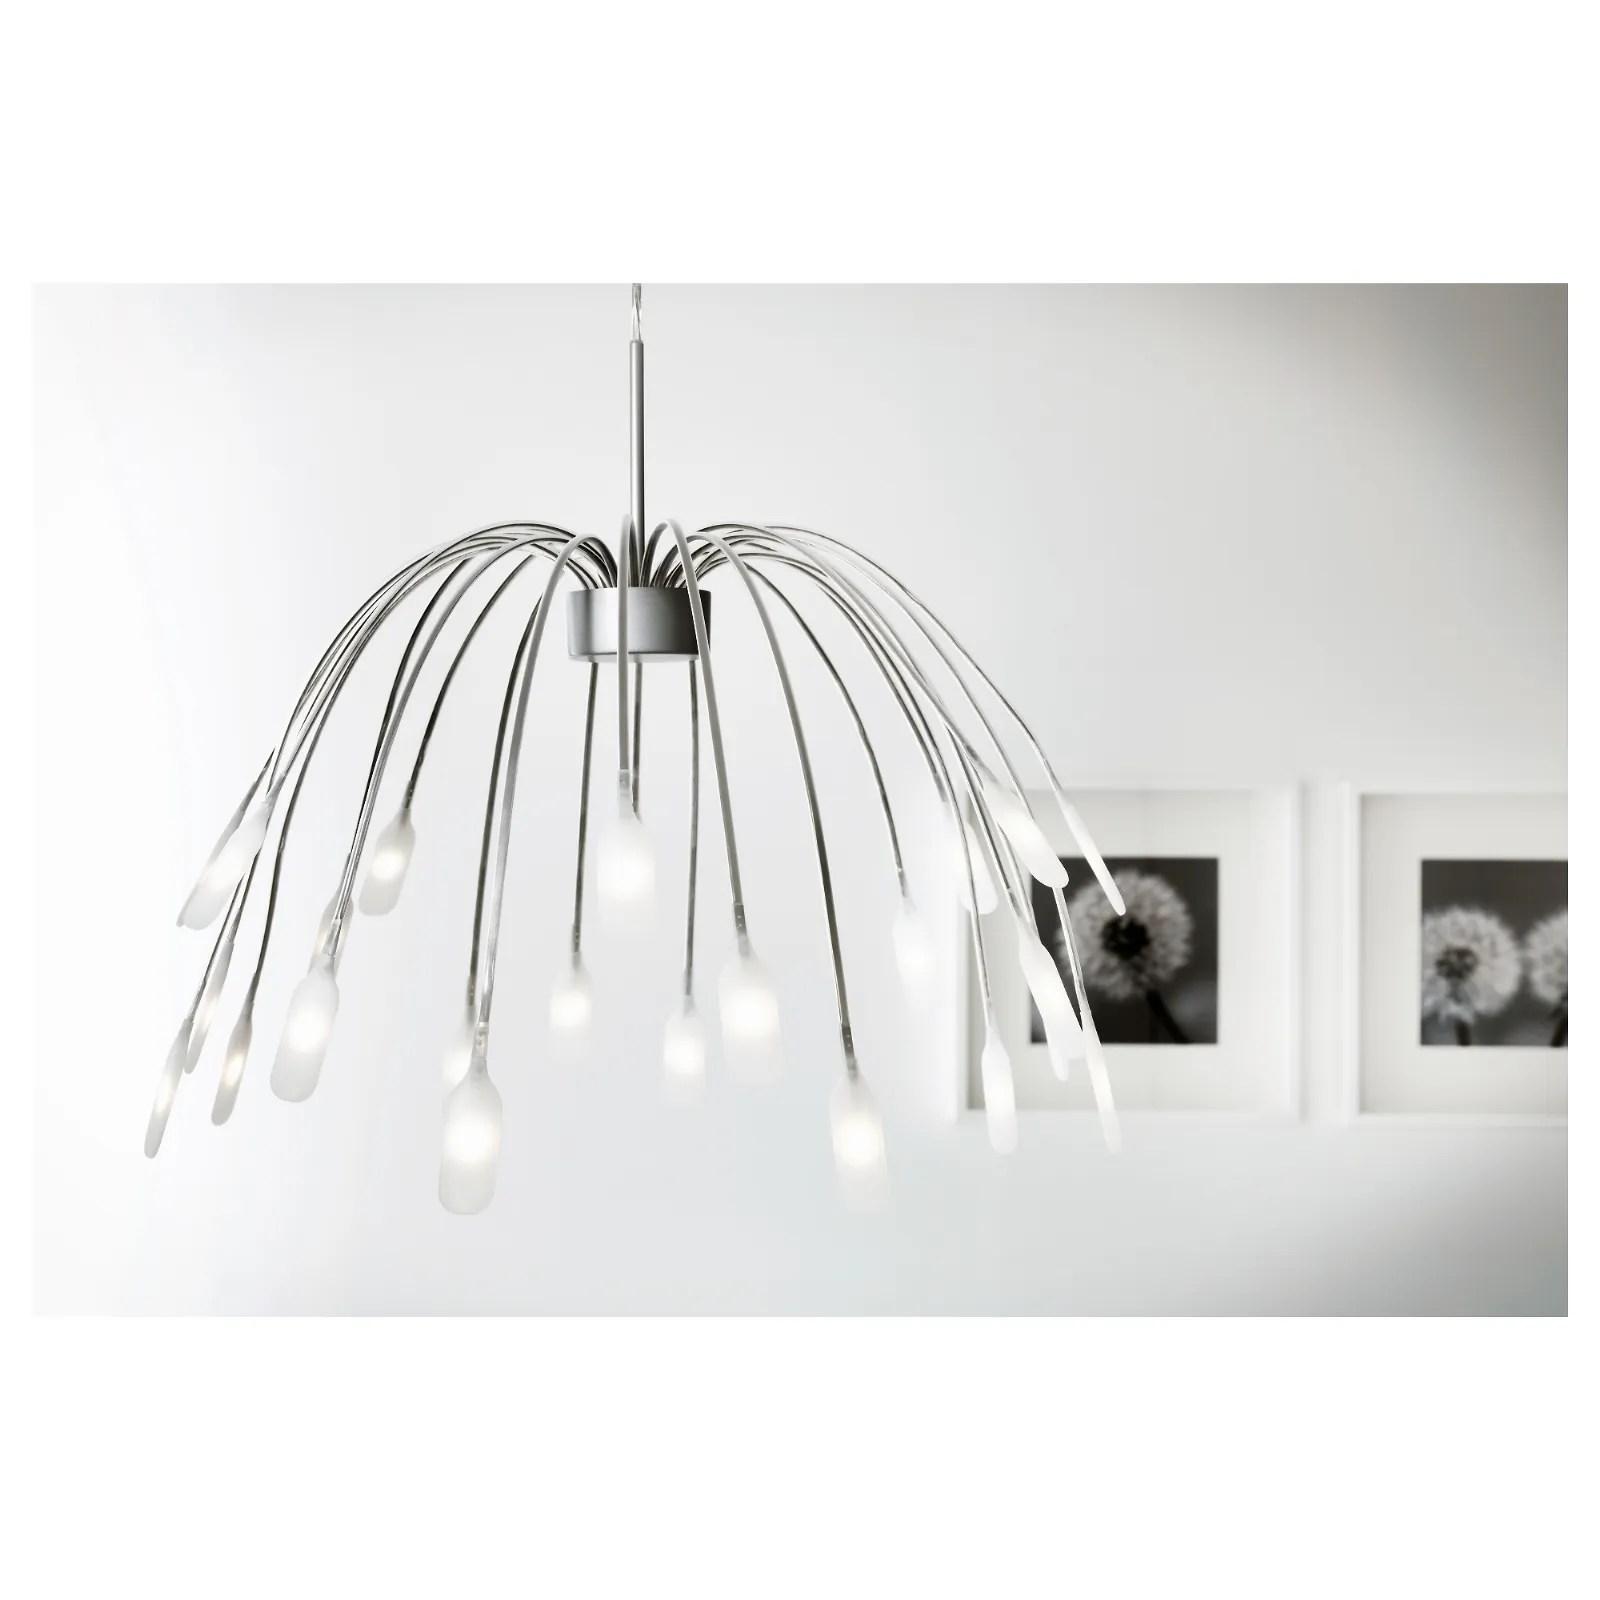 Scegli la lampada ikea adatta al soggiorno, camera, cameretta dei bambini, bagno e cucina. Lampadari Ikea La Luce In Casa